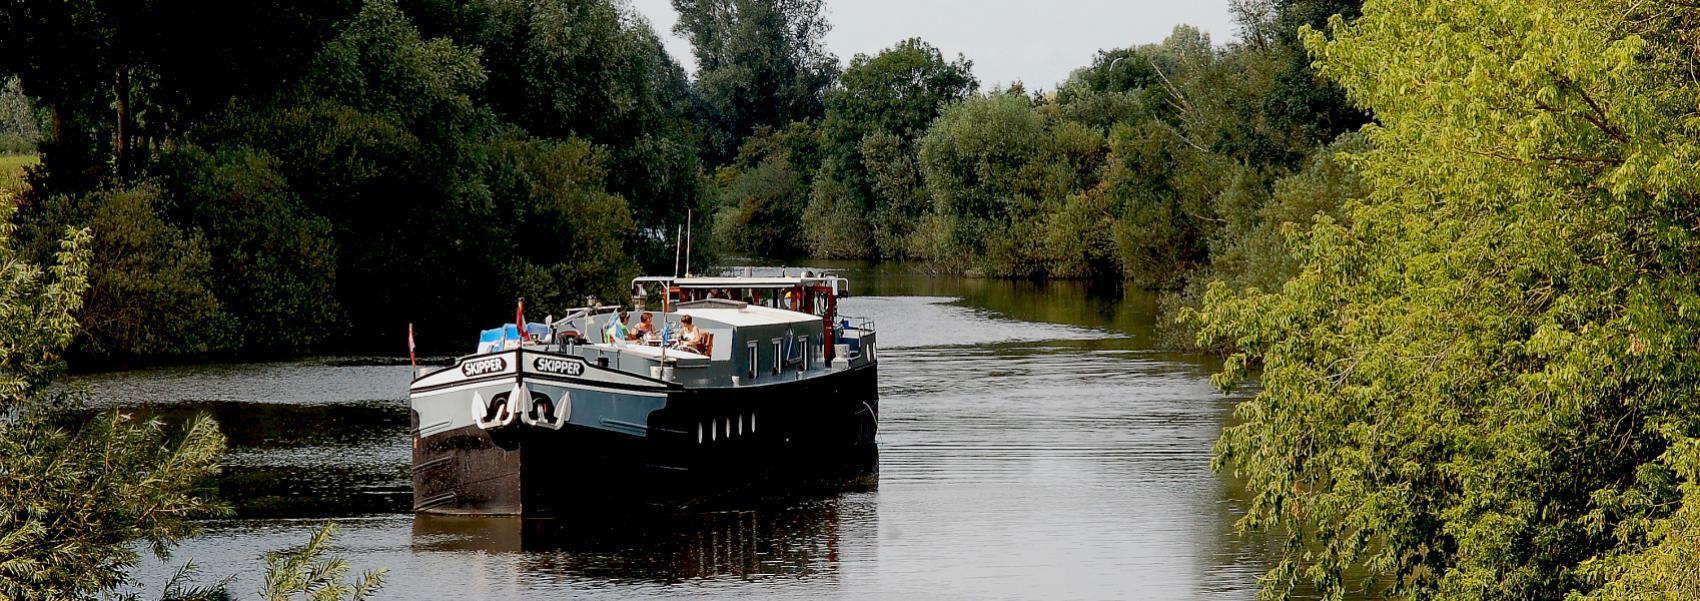 platboot op het kanaal